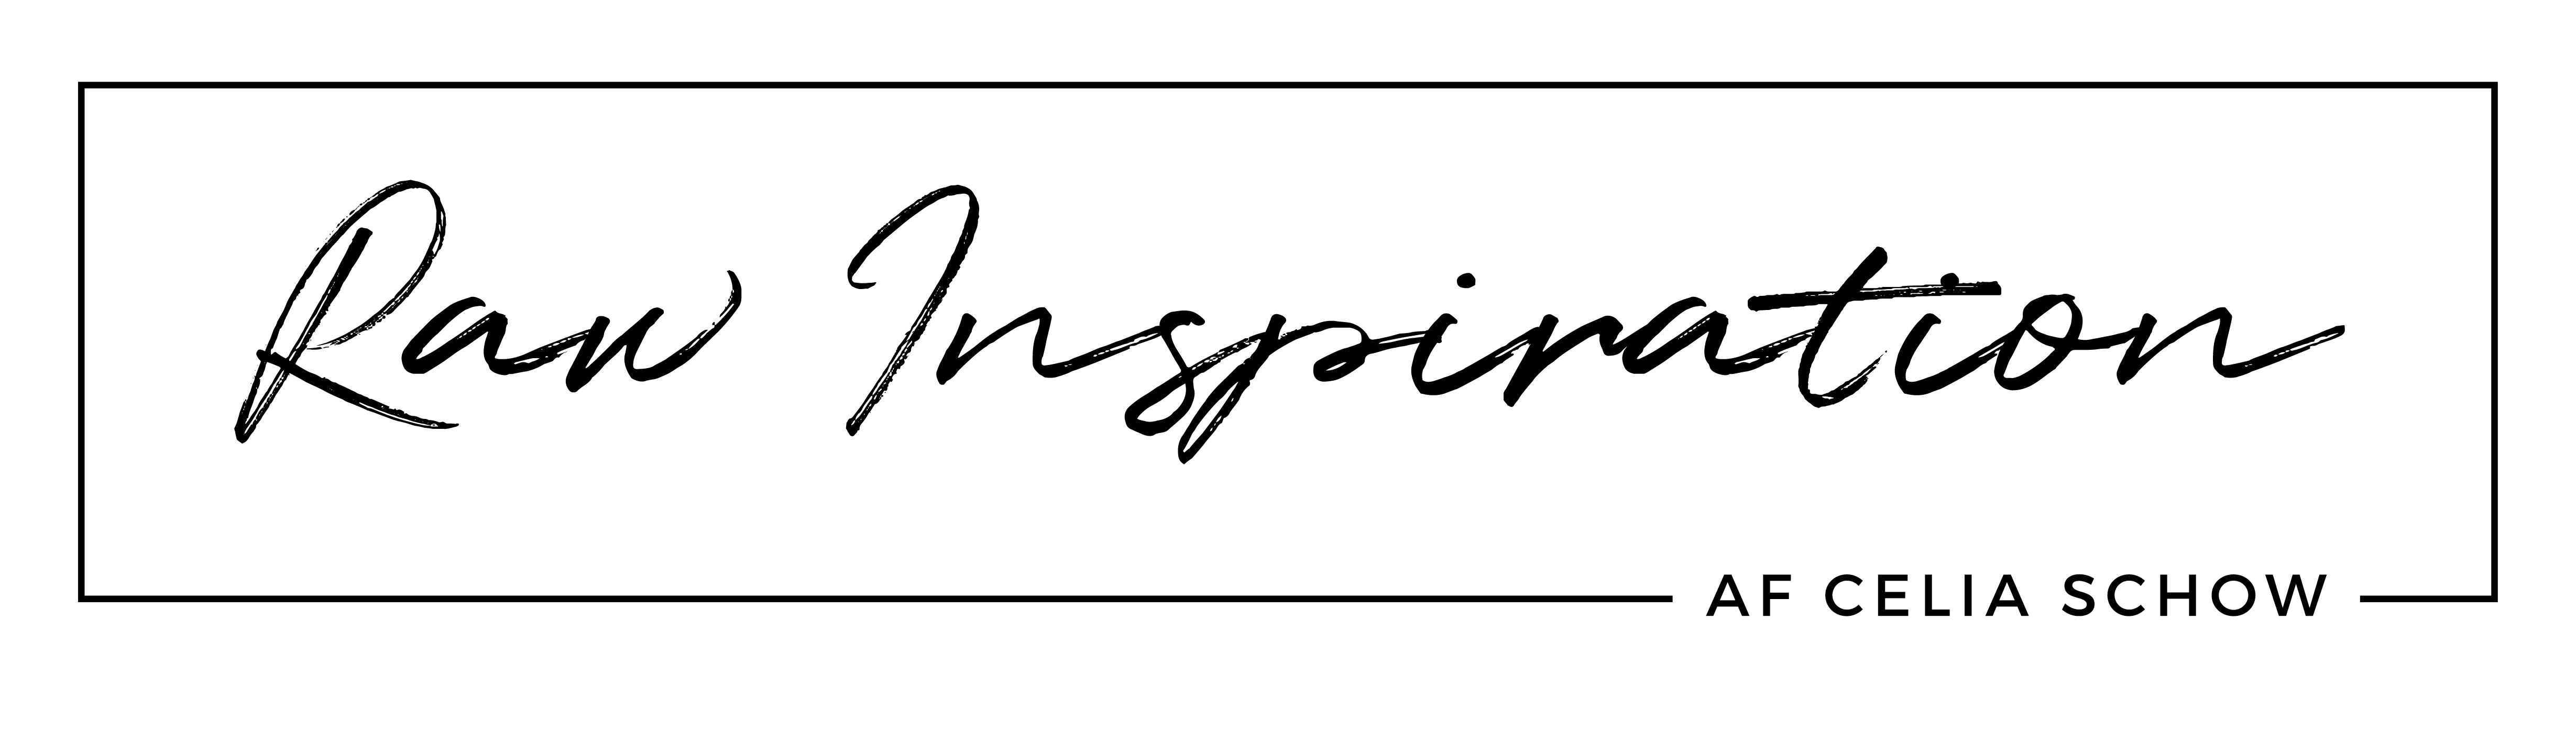 Raw Inspiration med navn i højre side er en header fra Lavenblog.dk